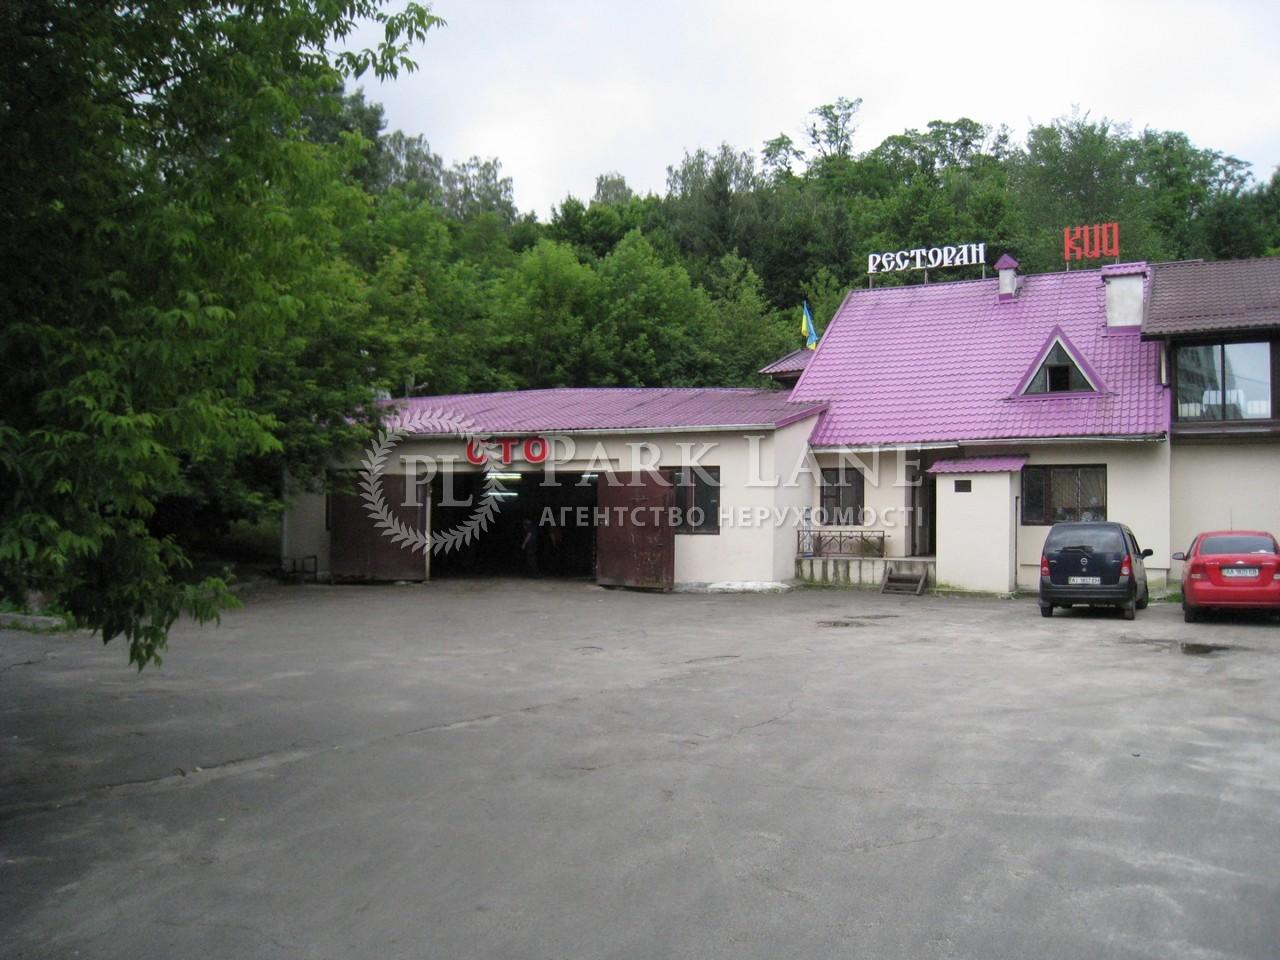 Ресторан, ул. Механизаторов, Киев, X-6398 - Фото 1